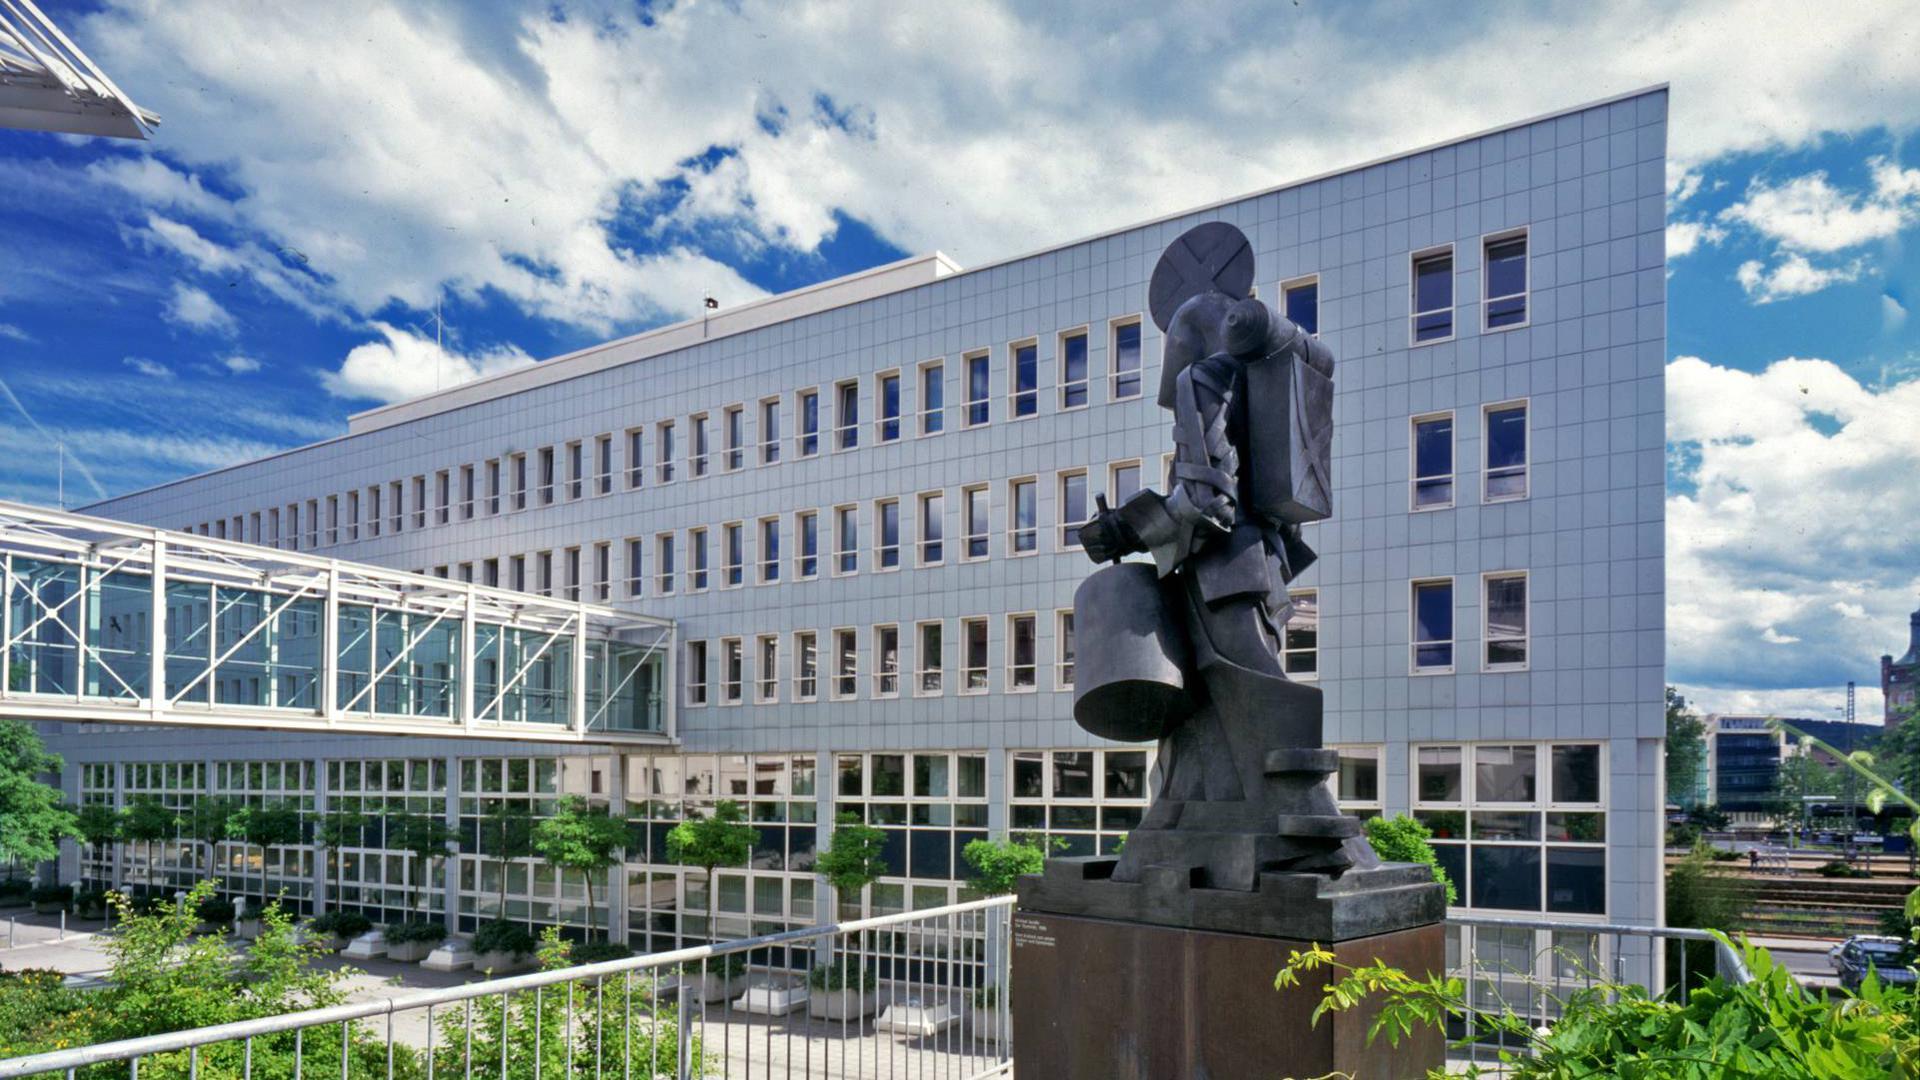 Die Fassade des Landratsamts Enzkreis, vorne eine Skulptur